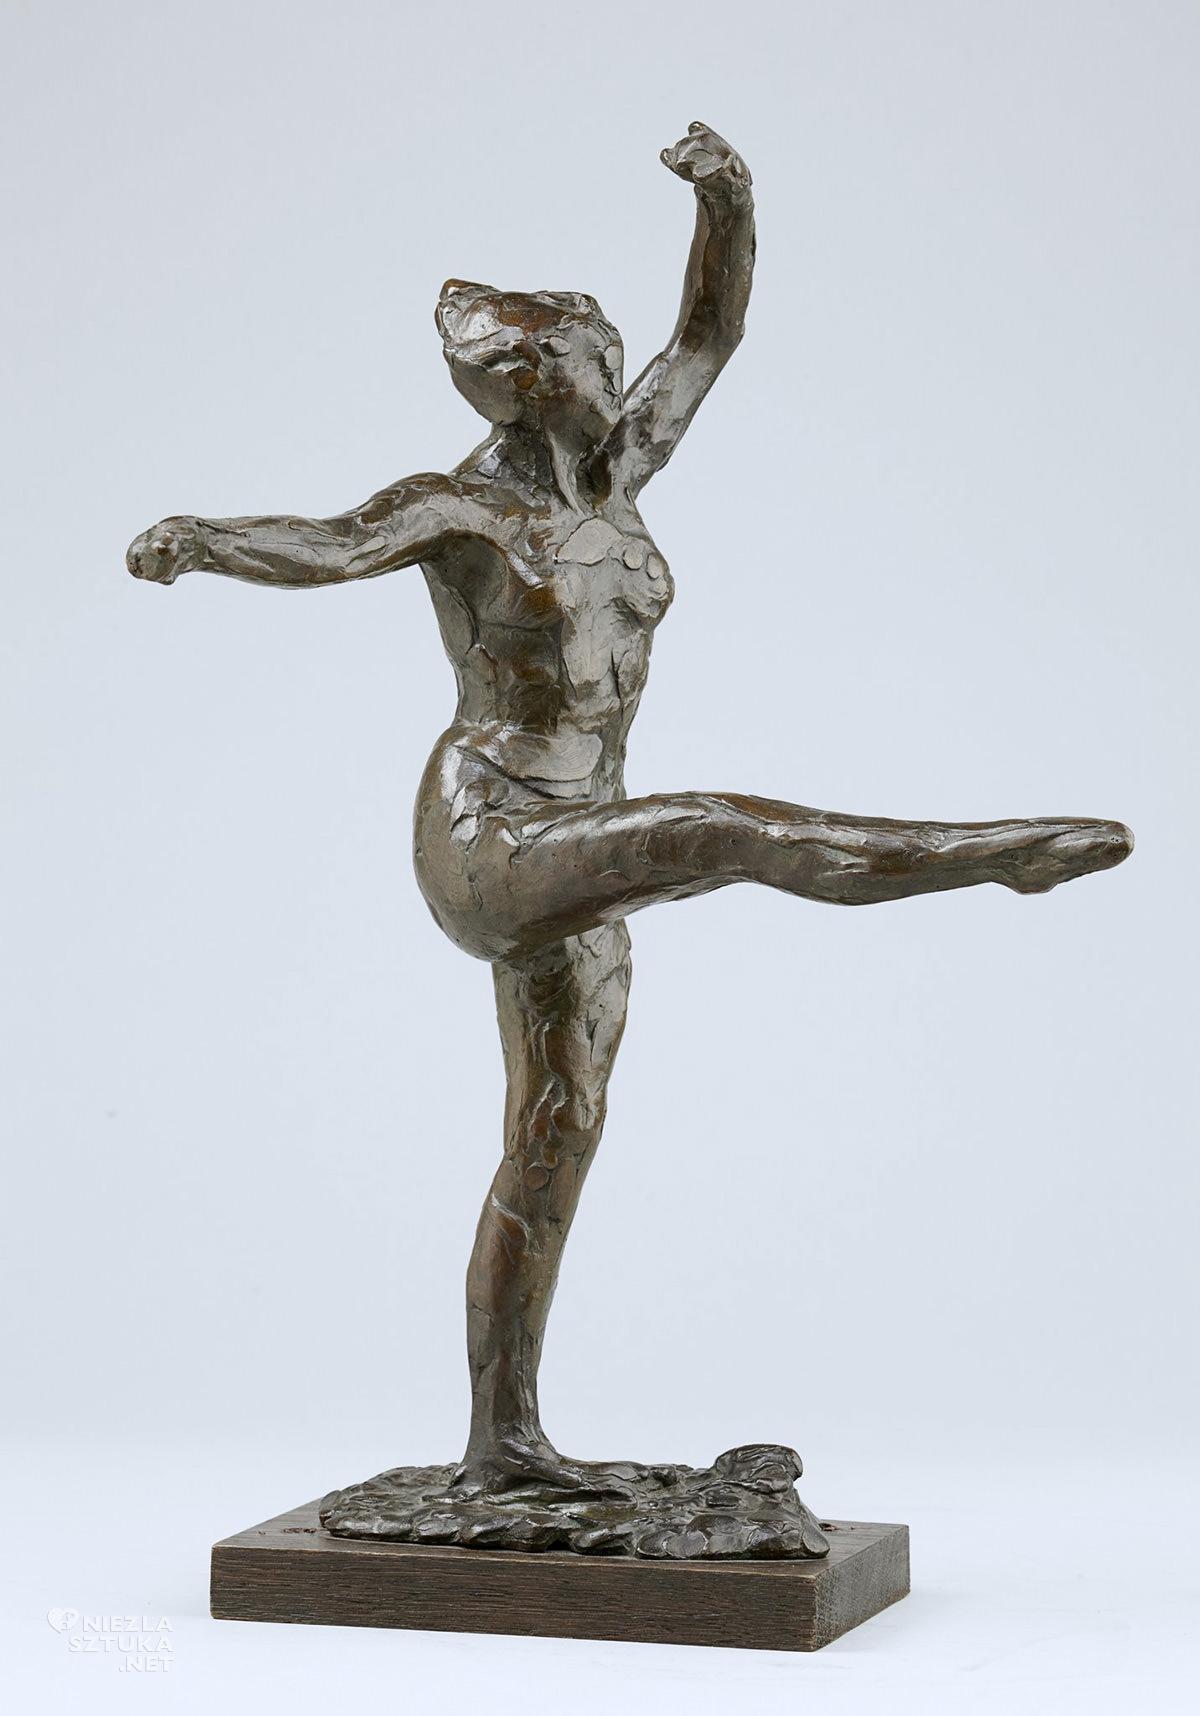 Edgar Degas, tancerka, rzeźba, sztuka francuska, Niezła sztuka